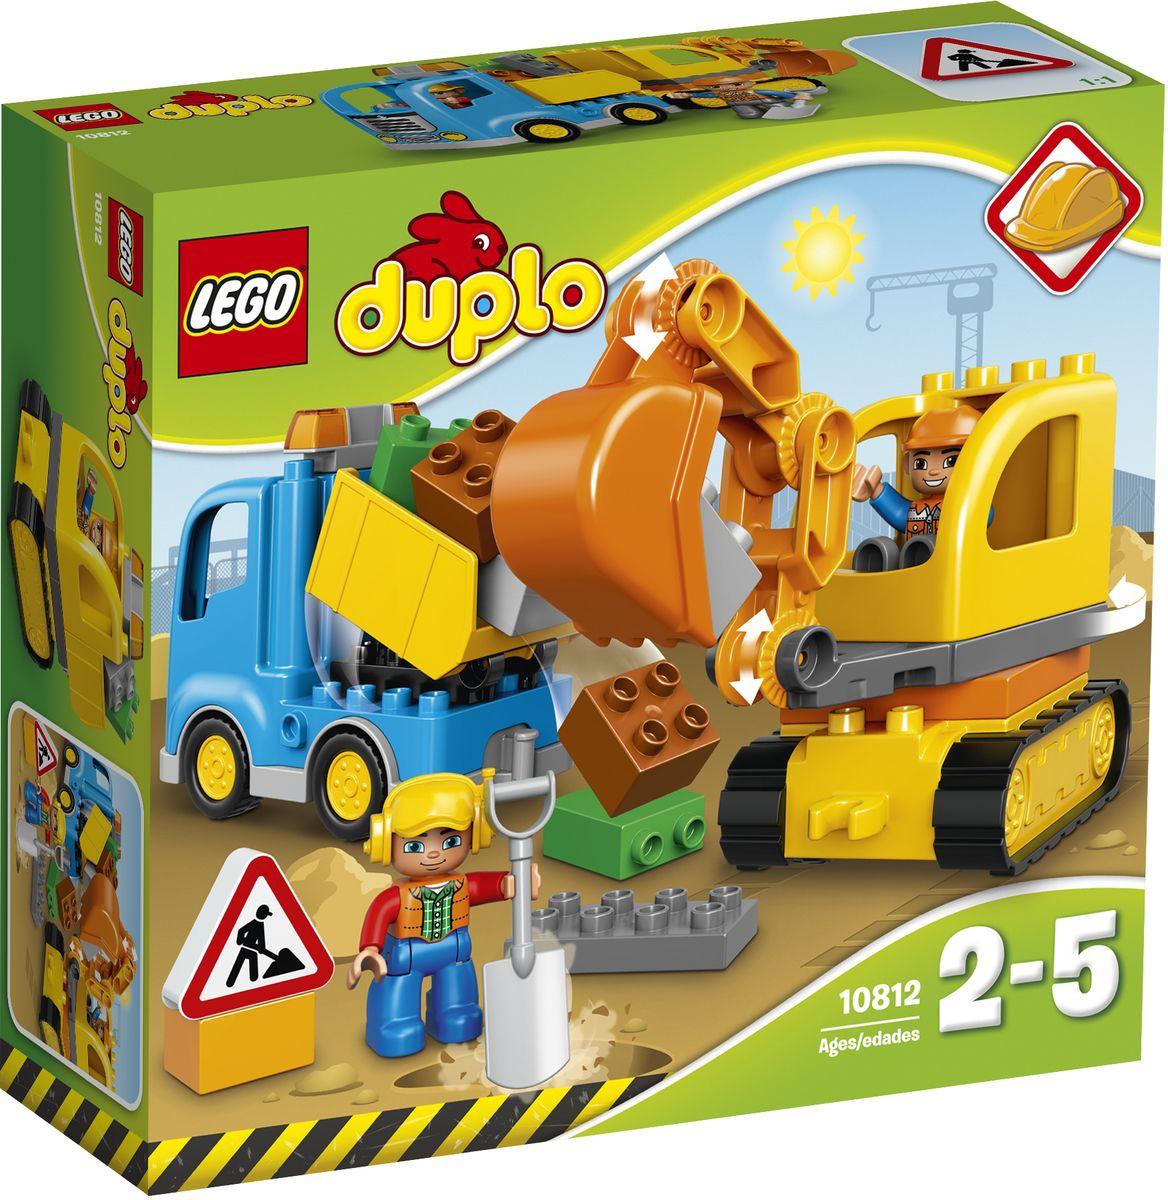 LEGO DUPLO 10812 Грузовик и гусеничный экскаватор Конструктор цена 2017